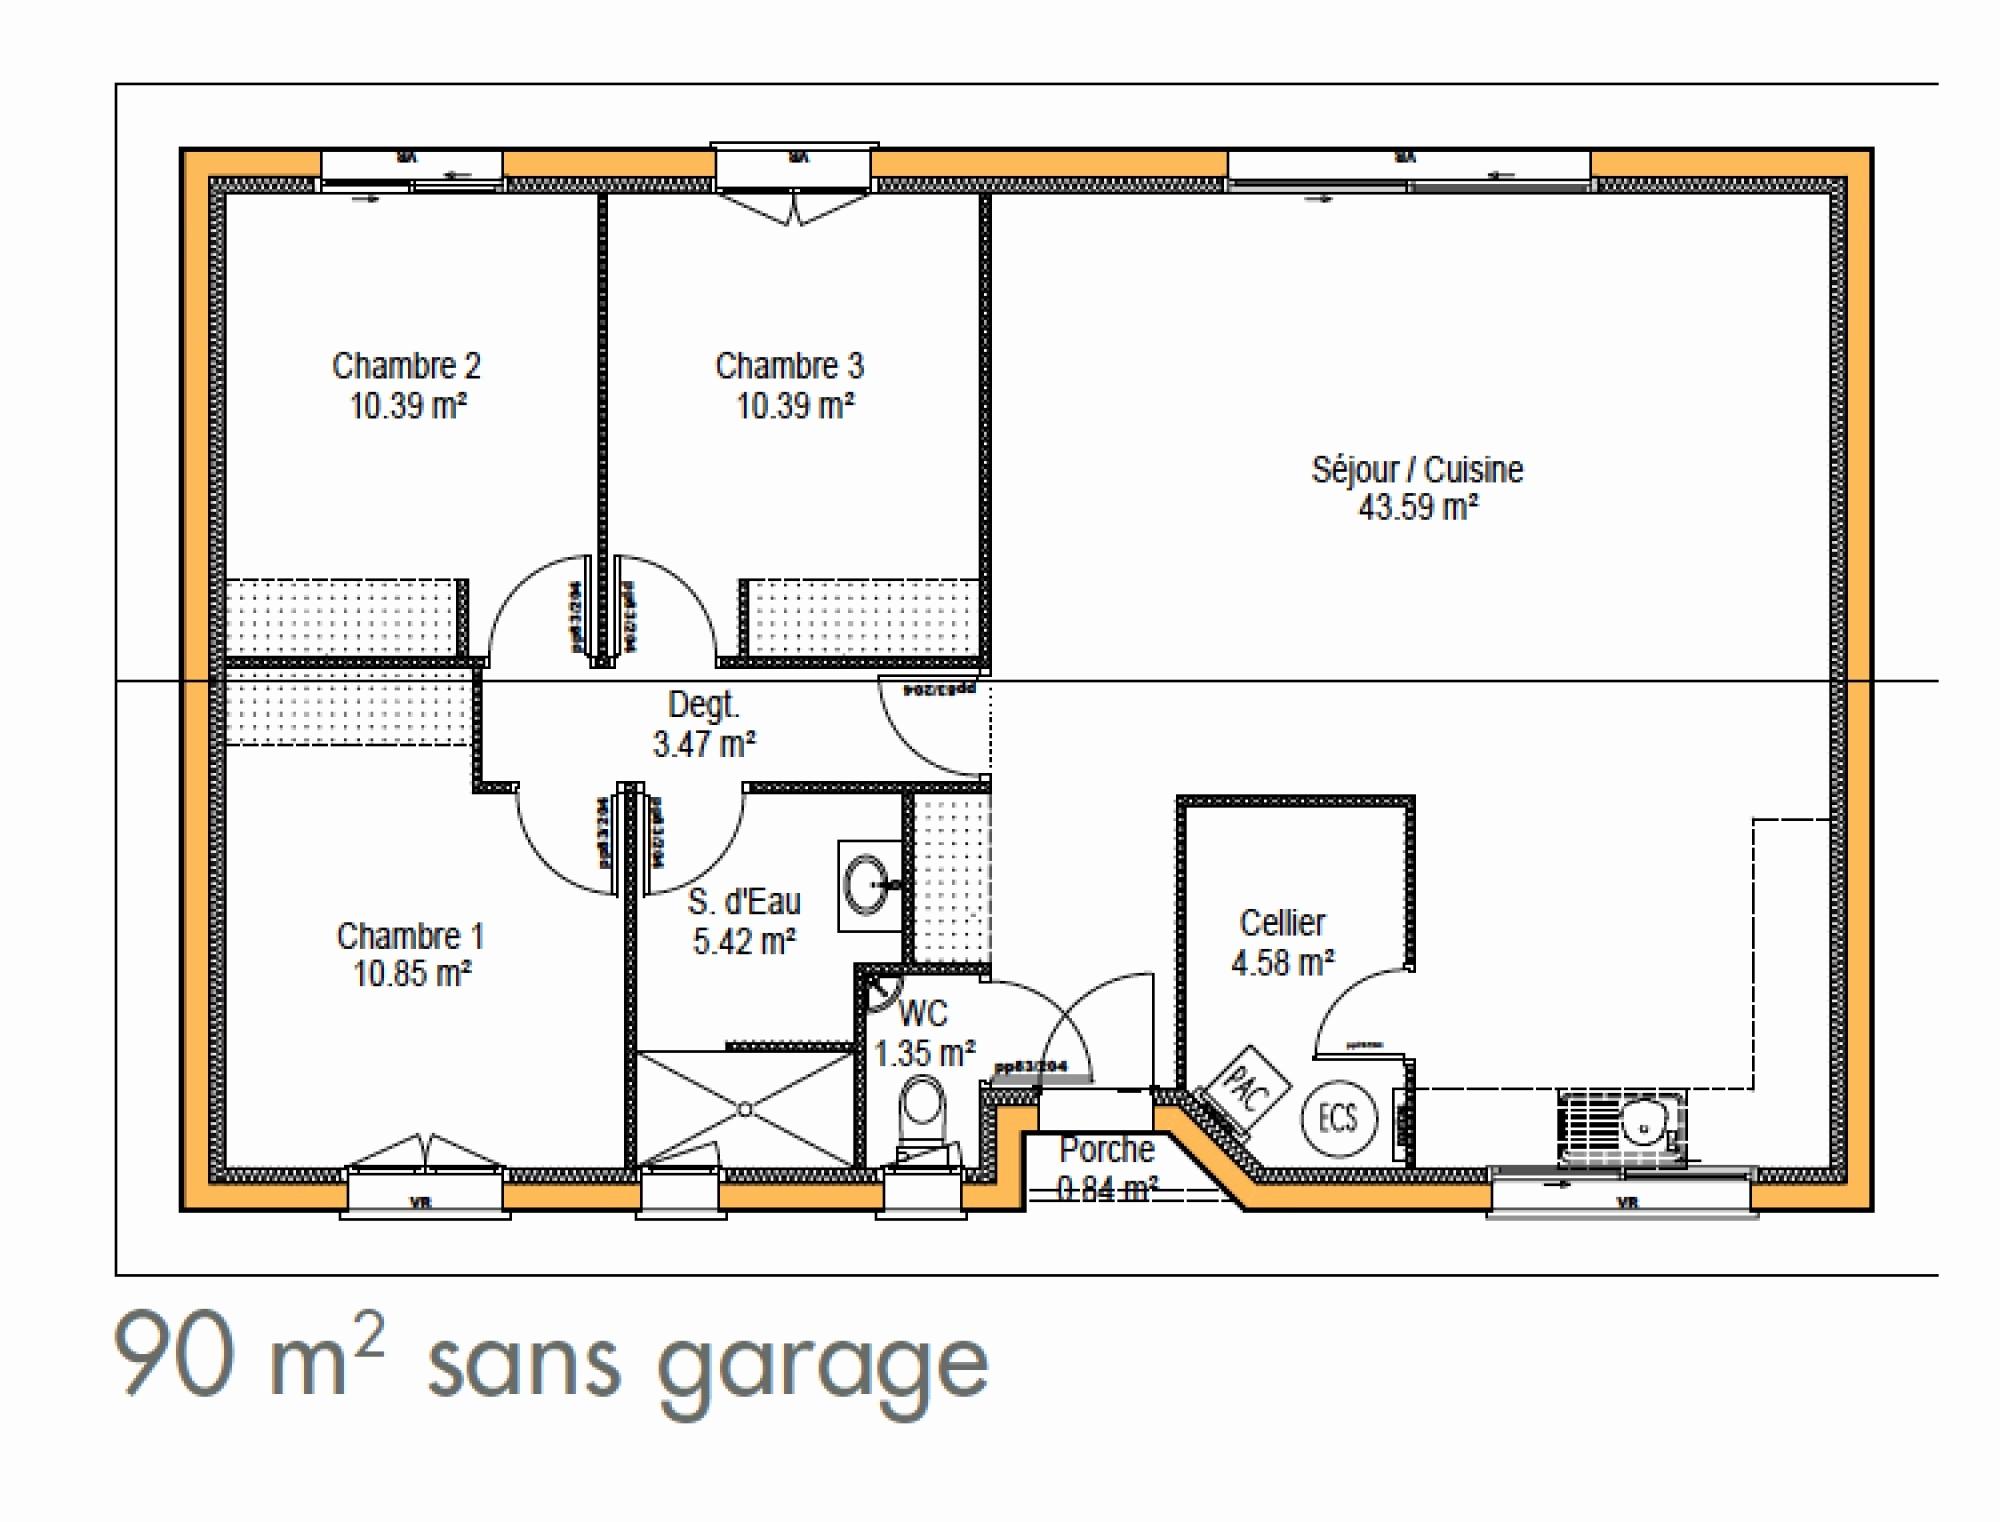 Logiciel plan maison gratuit 2d mac ventana blog - Meilleur logiciel de plan de maison ...